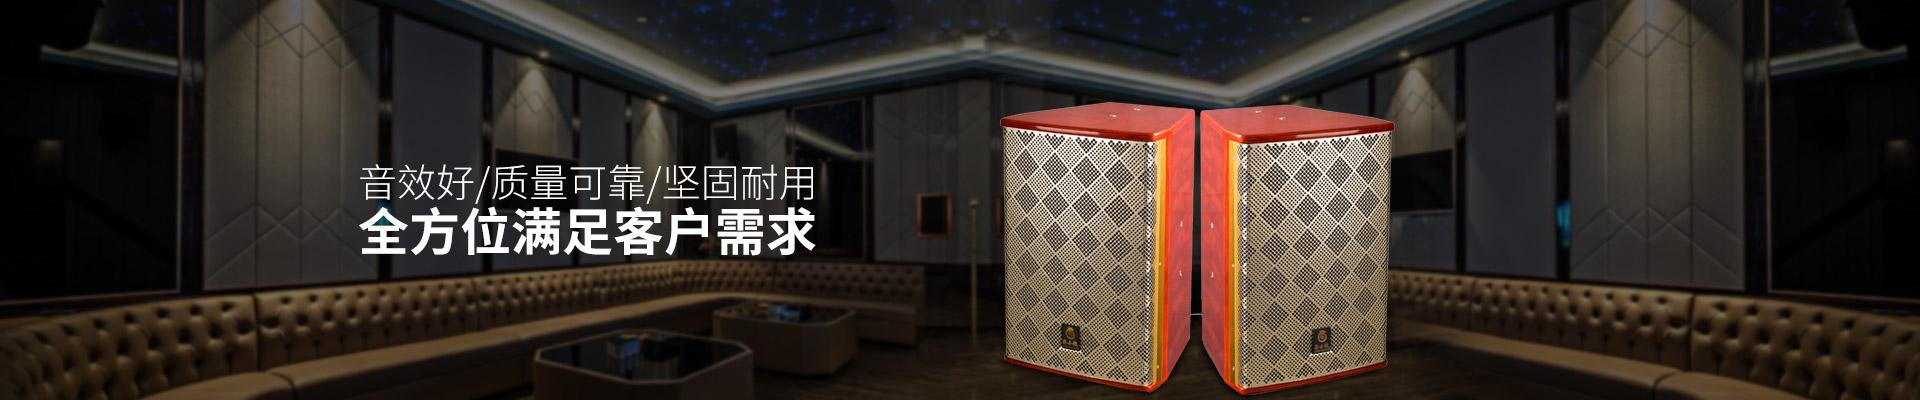 爵士龙娱乐KTV音响:音效好,质量可靠,坚固耐用,满足客户需求